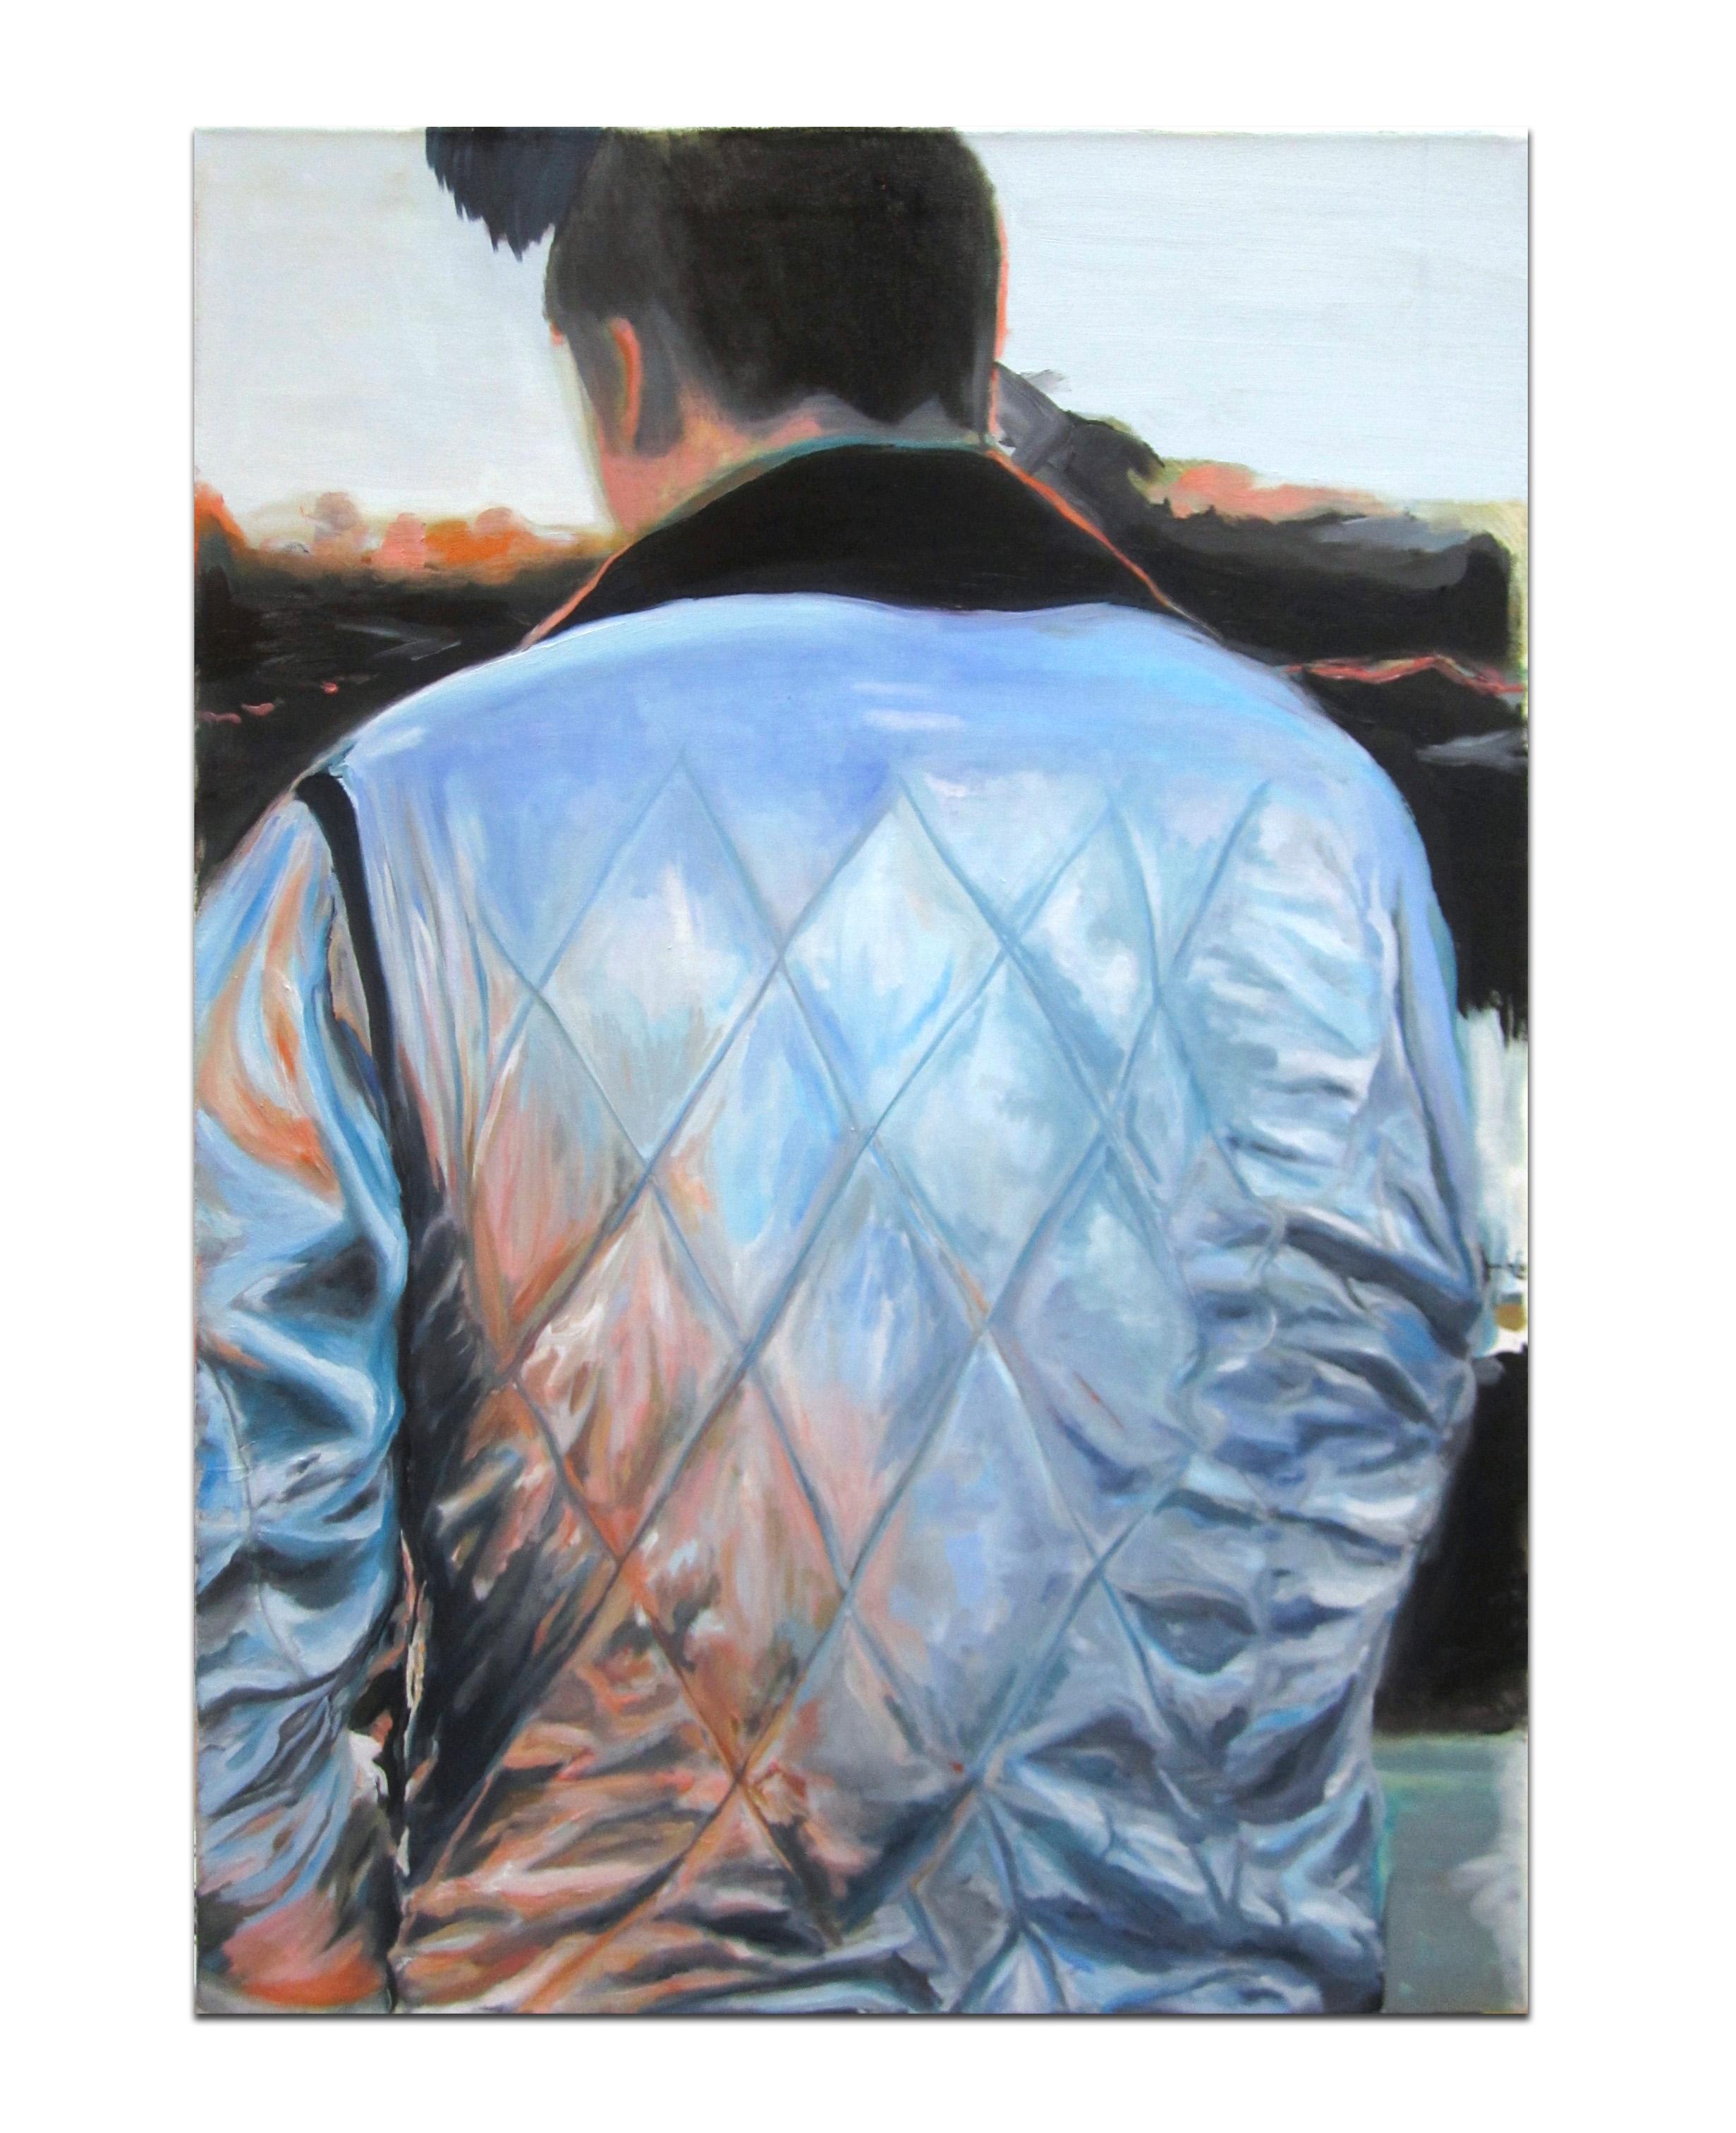 Sunset LA LA. Oil on canvas. 34 x 24 inches. 2013.